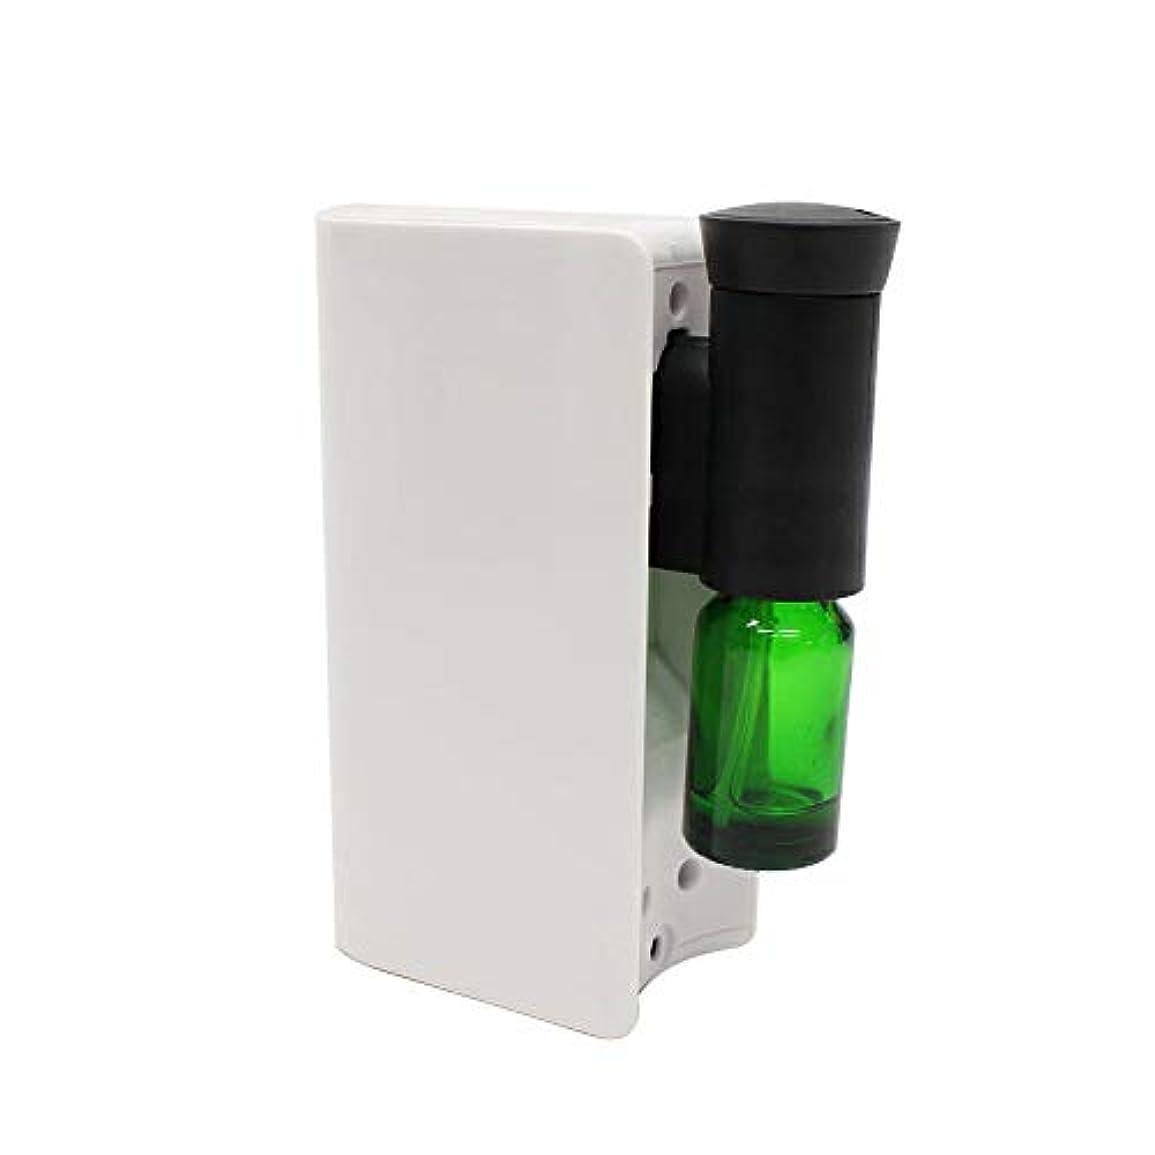 履歴書すすり泣き設計電池式アロマディフューザー 水を使わない ネブライザー式 アロマ ディフューザー アロマオイル対応 自動停止 ECOモード搭載 コンパクト 香り 癒し シンプル ホワイト